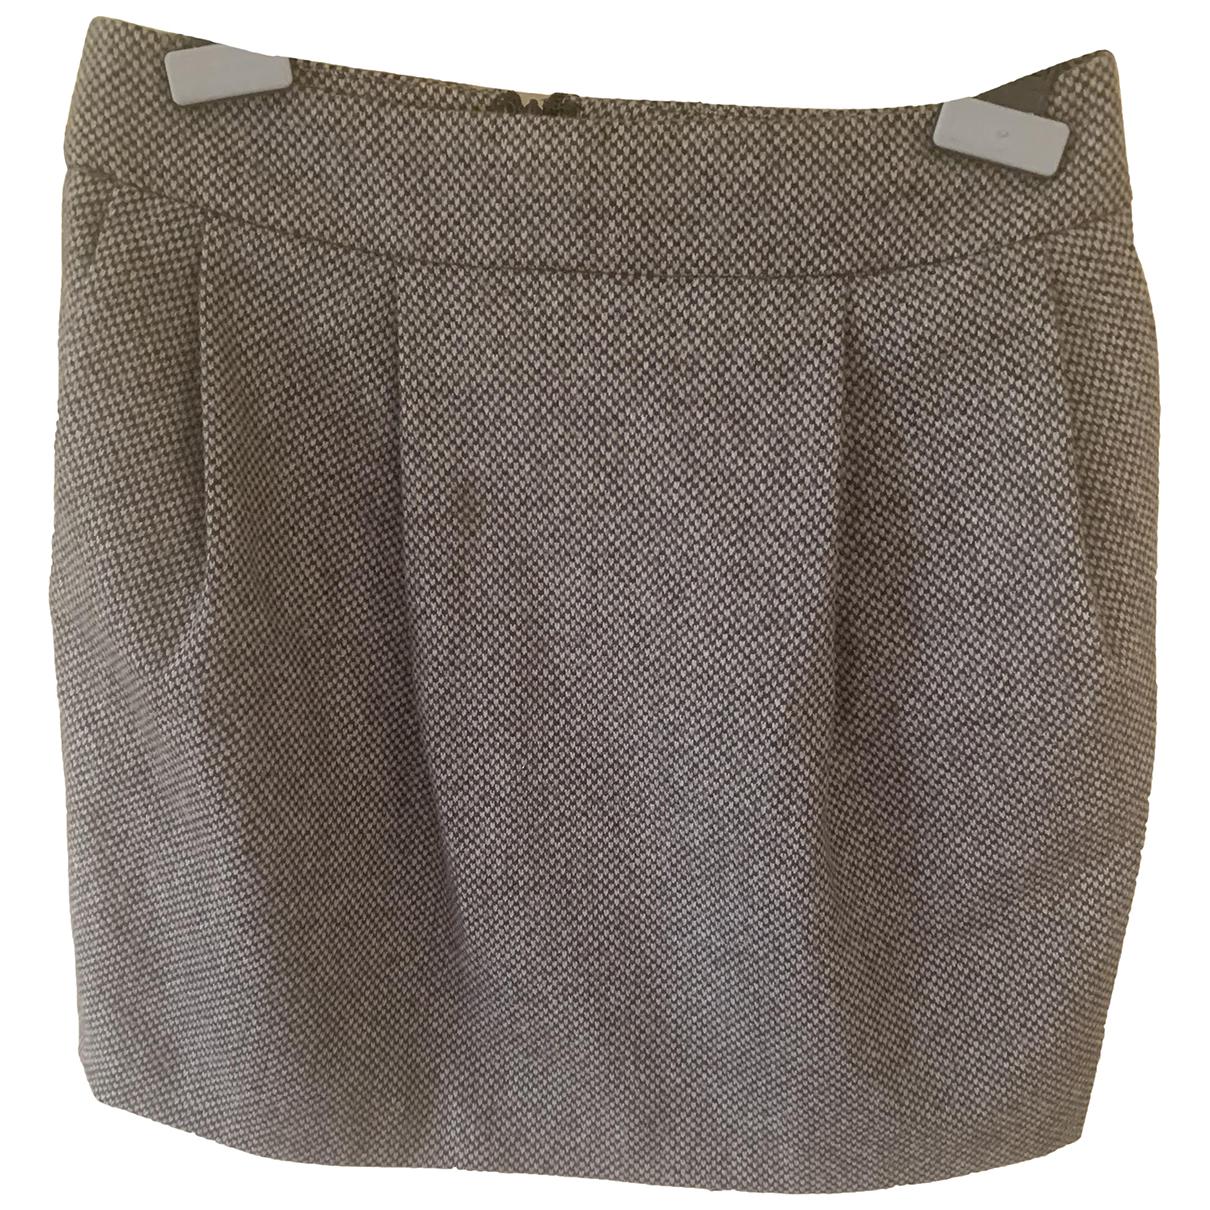 Michael Kors \N Wool skirt for Women 0 0-5